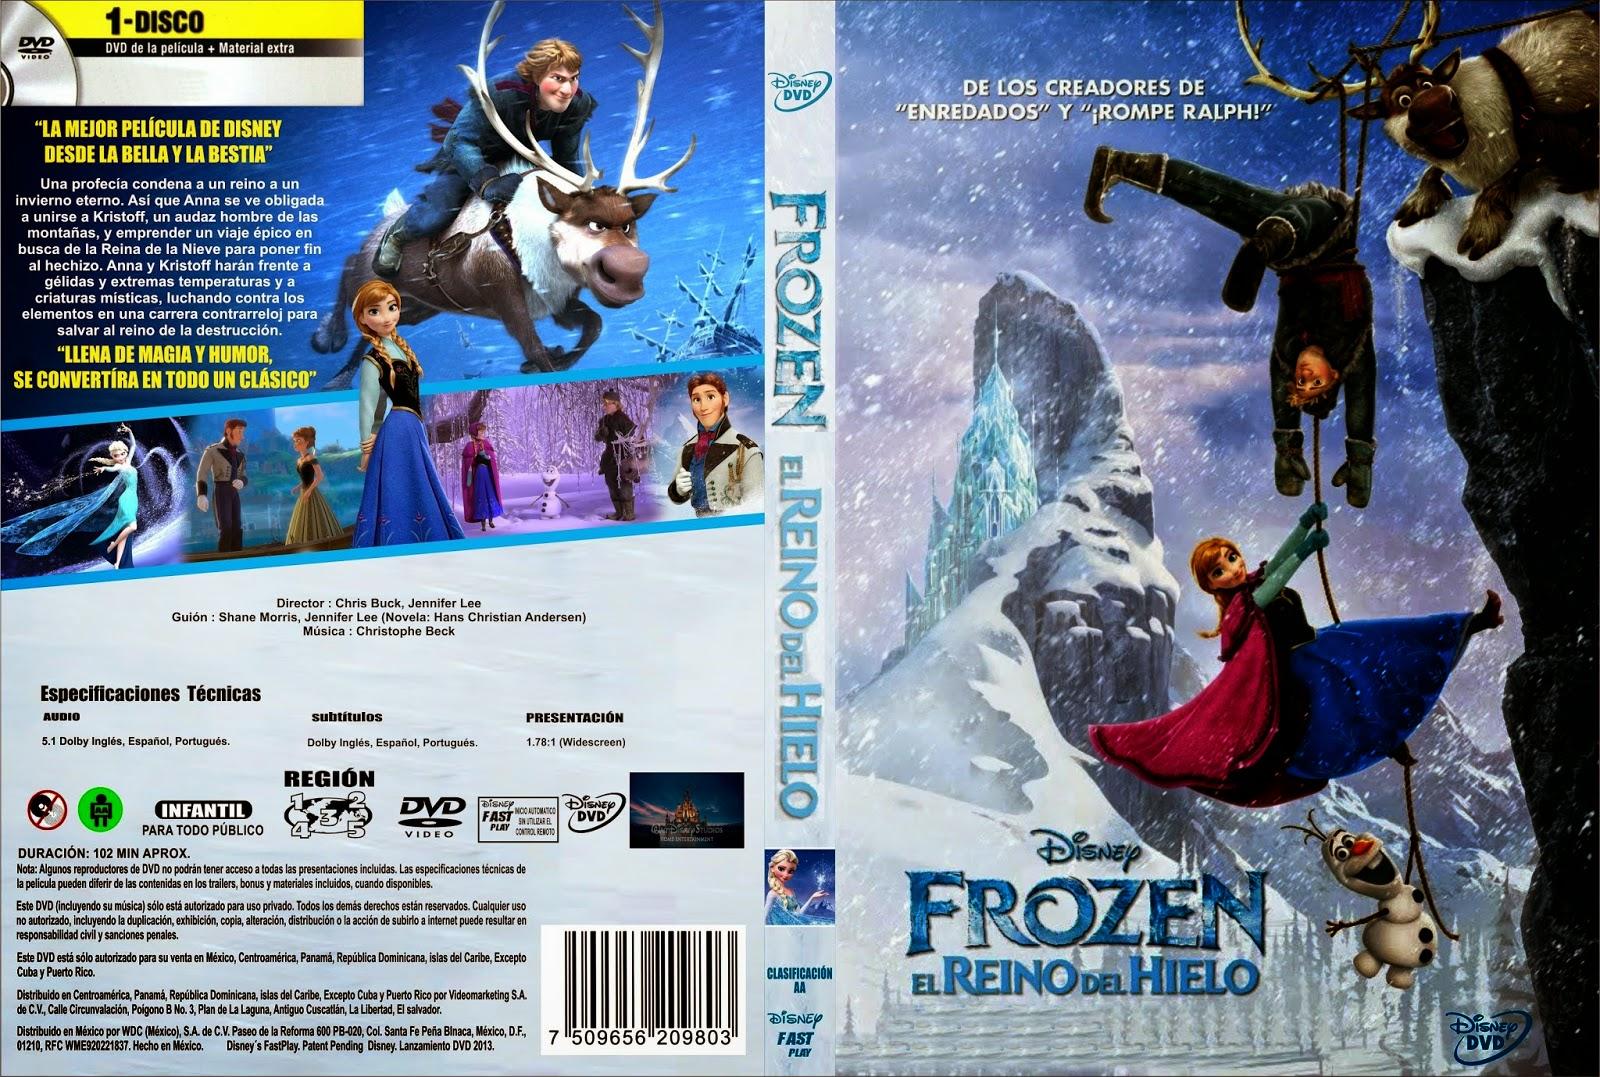 Frozen El Reino Del Hielo DVD